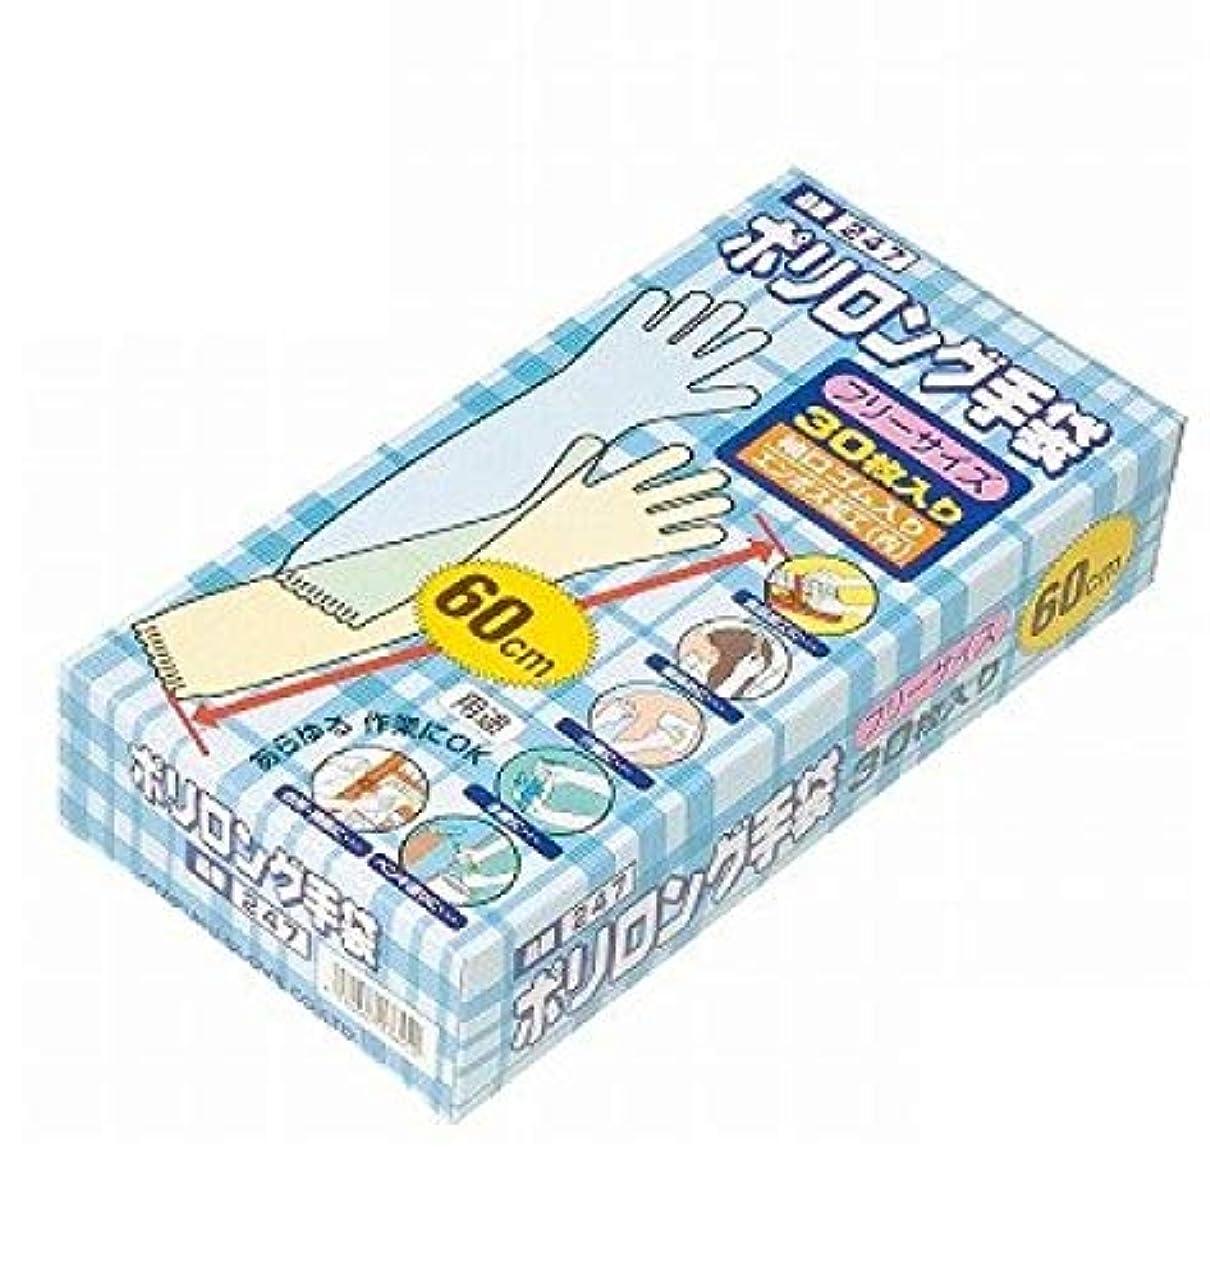 として振る持ってる【おたふく手袋】ポリロング手袋 30枚入 No247 食品衛生法適合品手袋